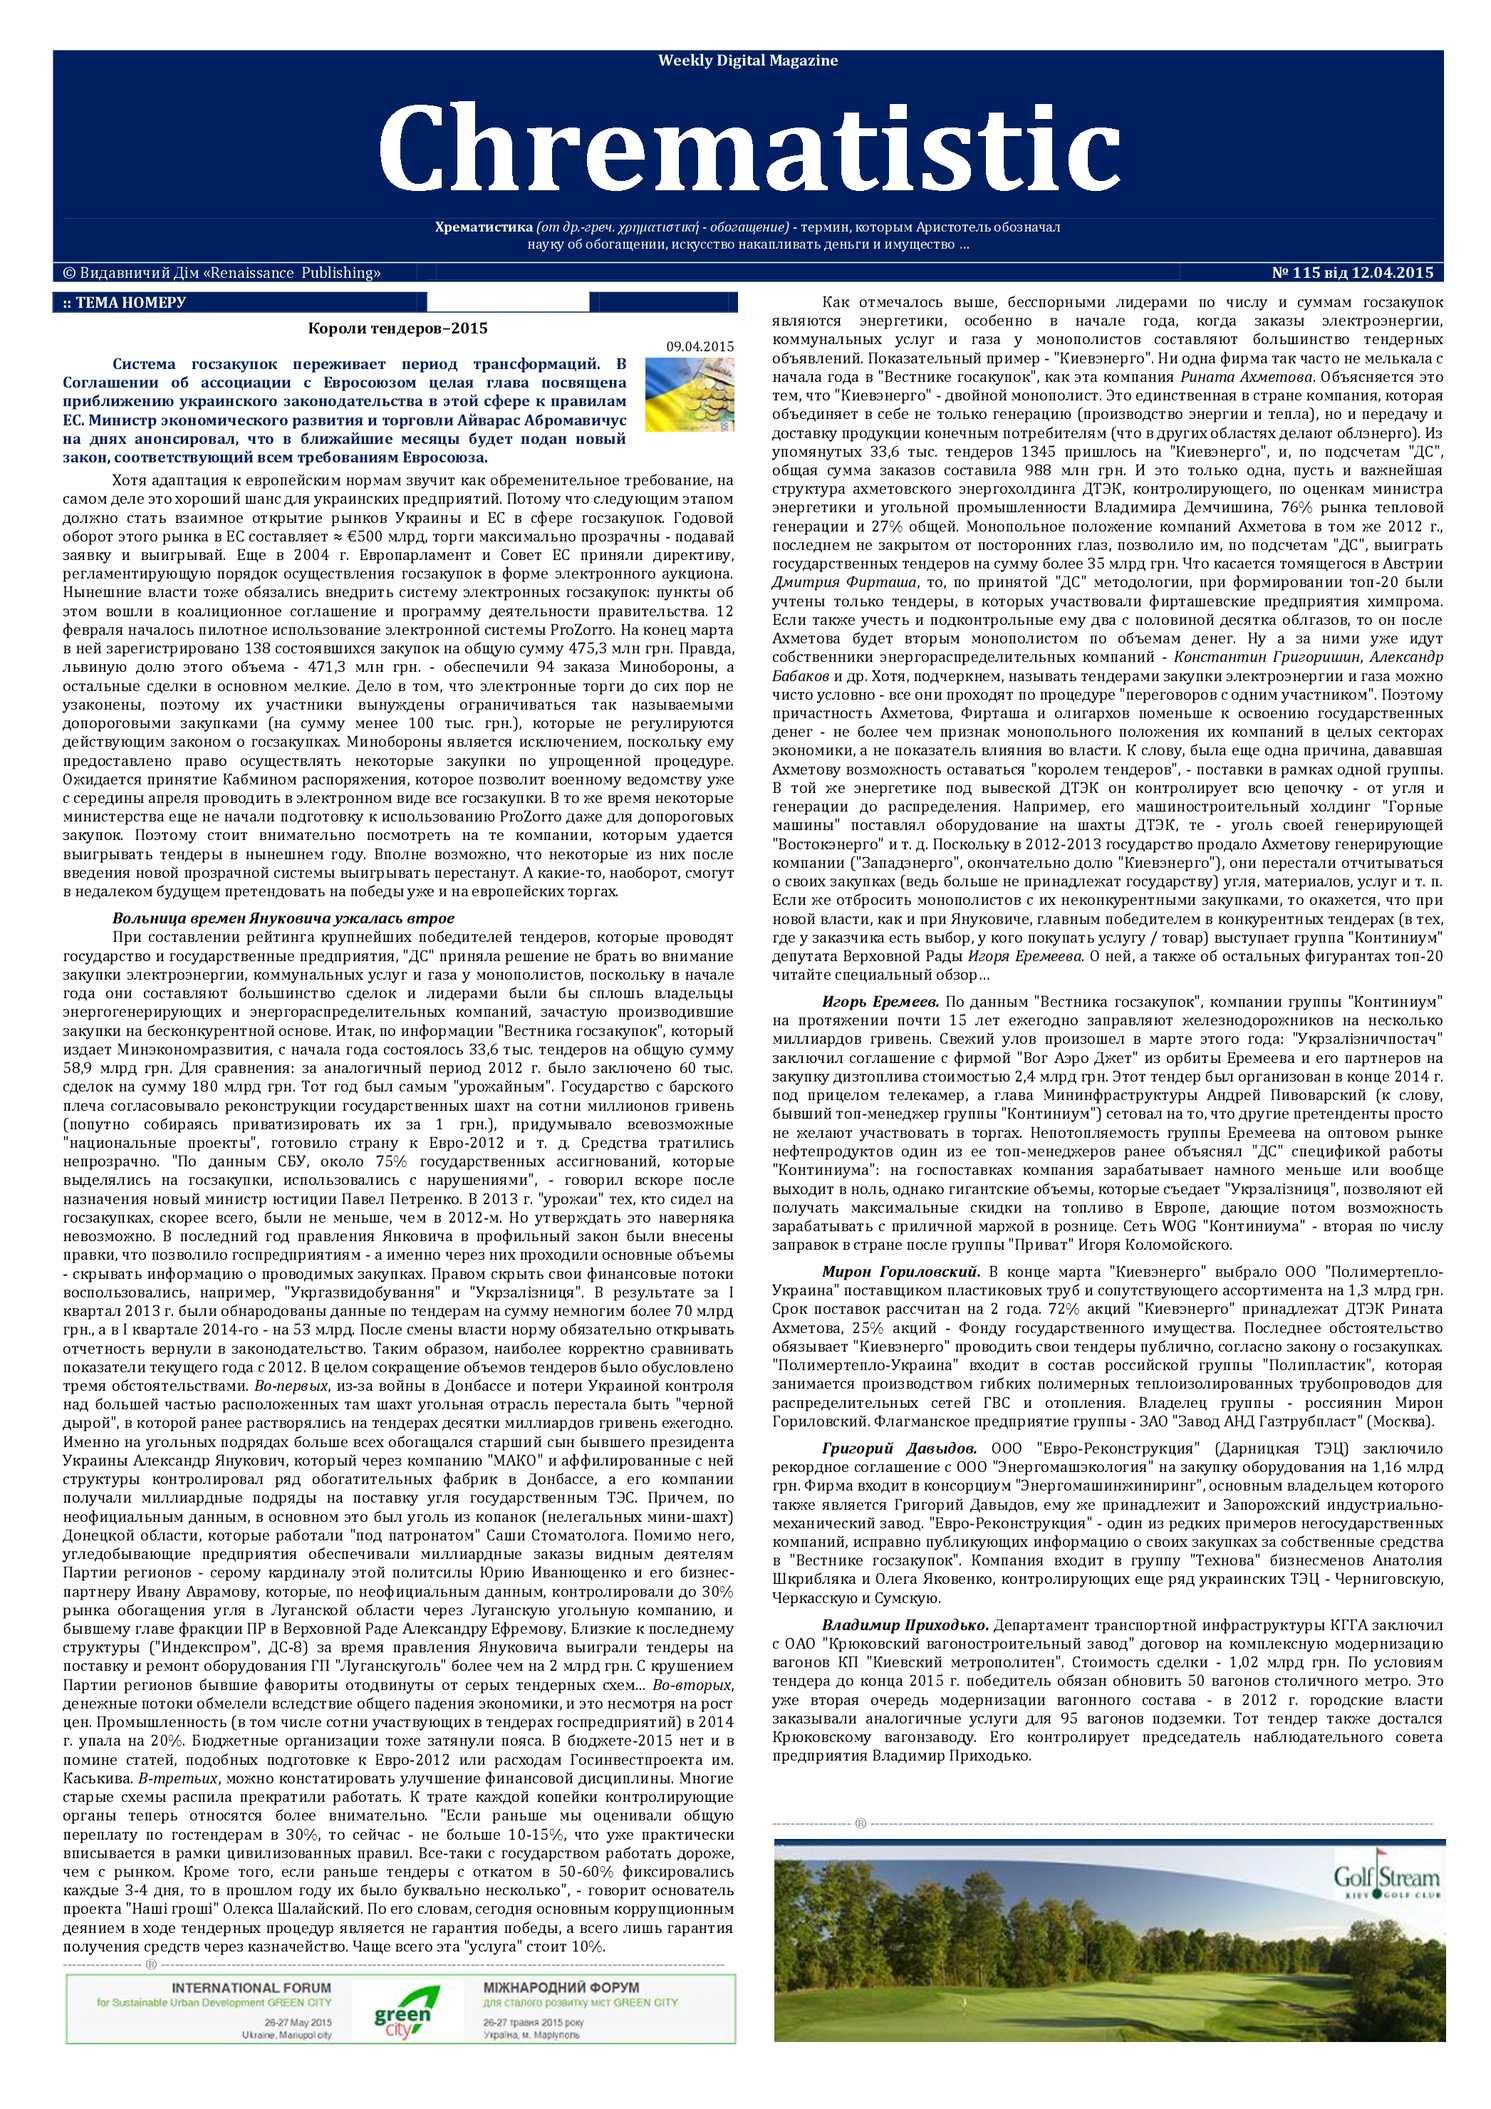 Calaméo - №115 Wdm «Chrematistic» от 12 04 2015 3572da3de19